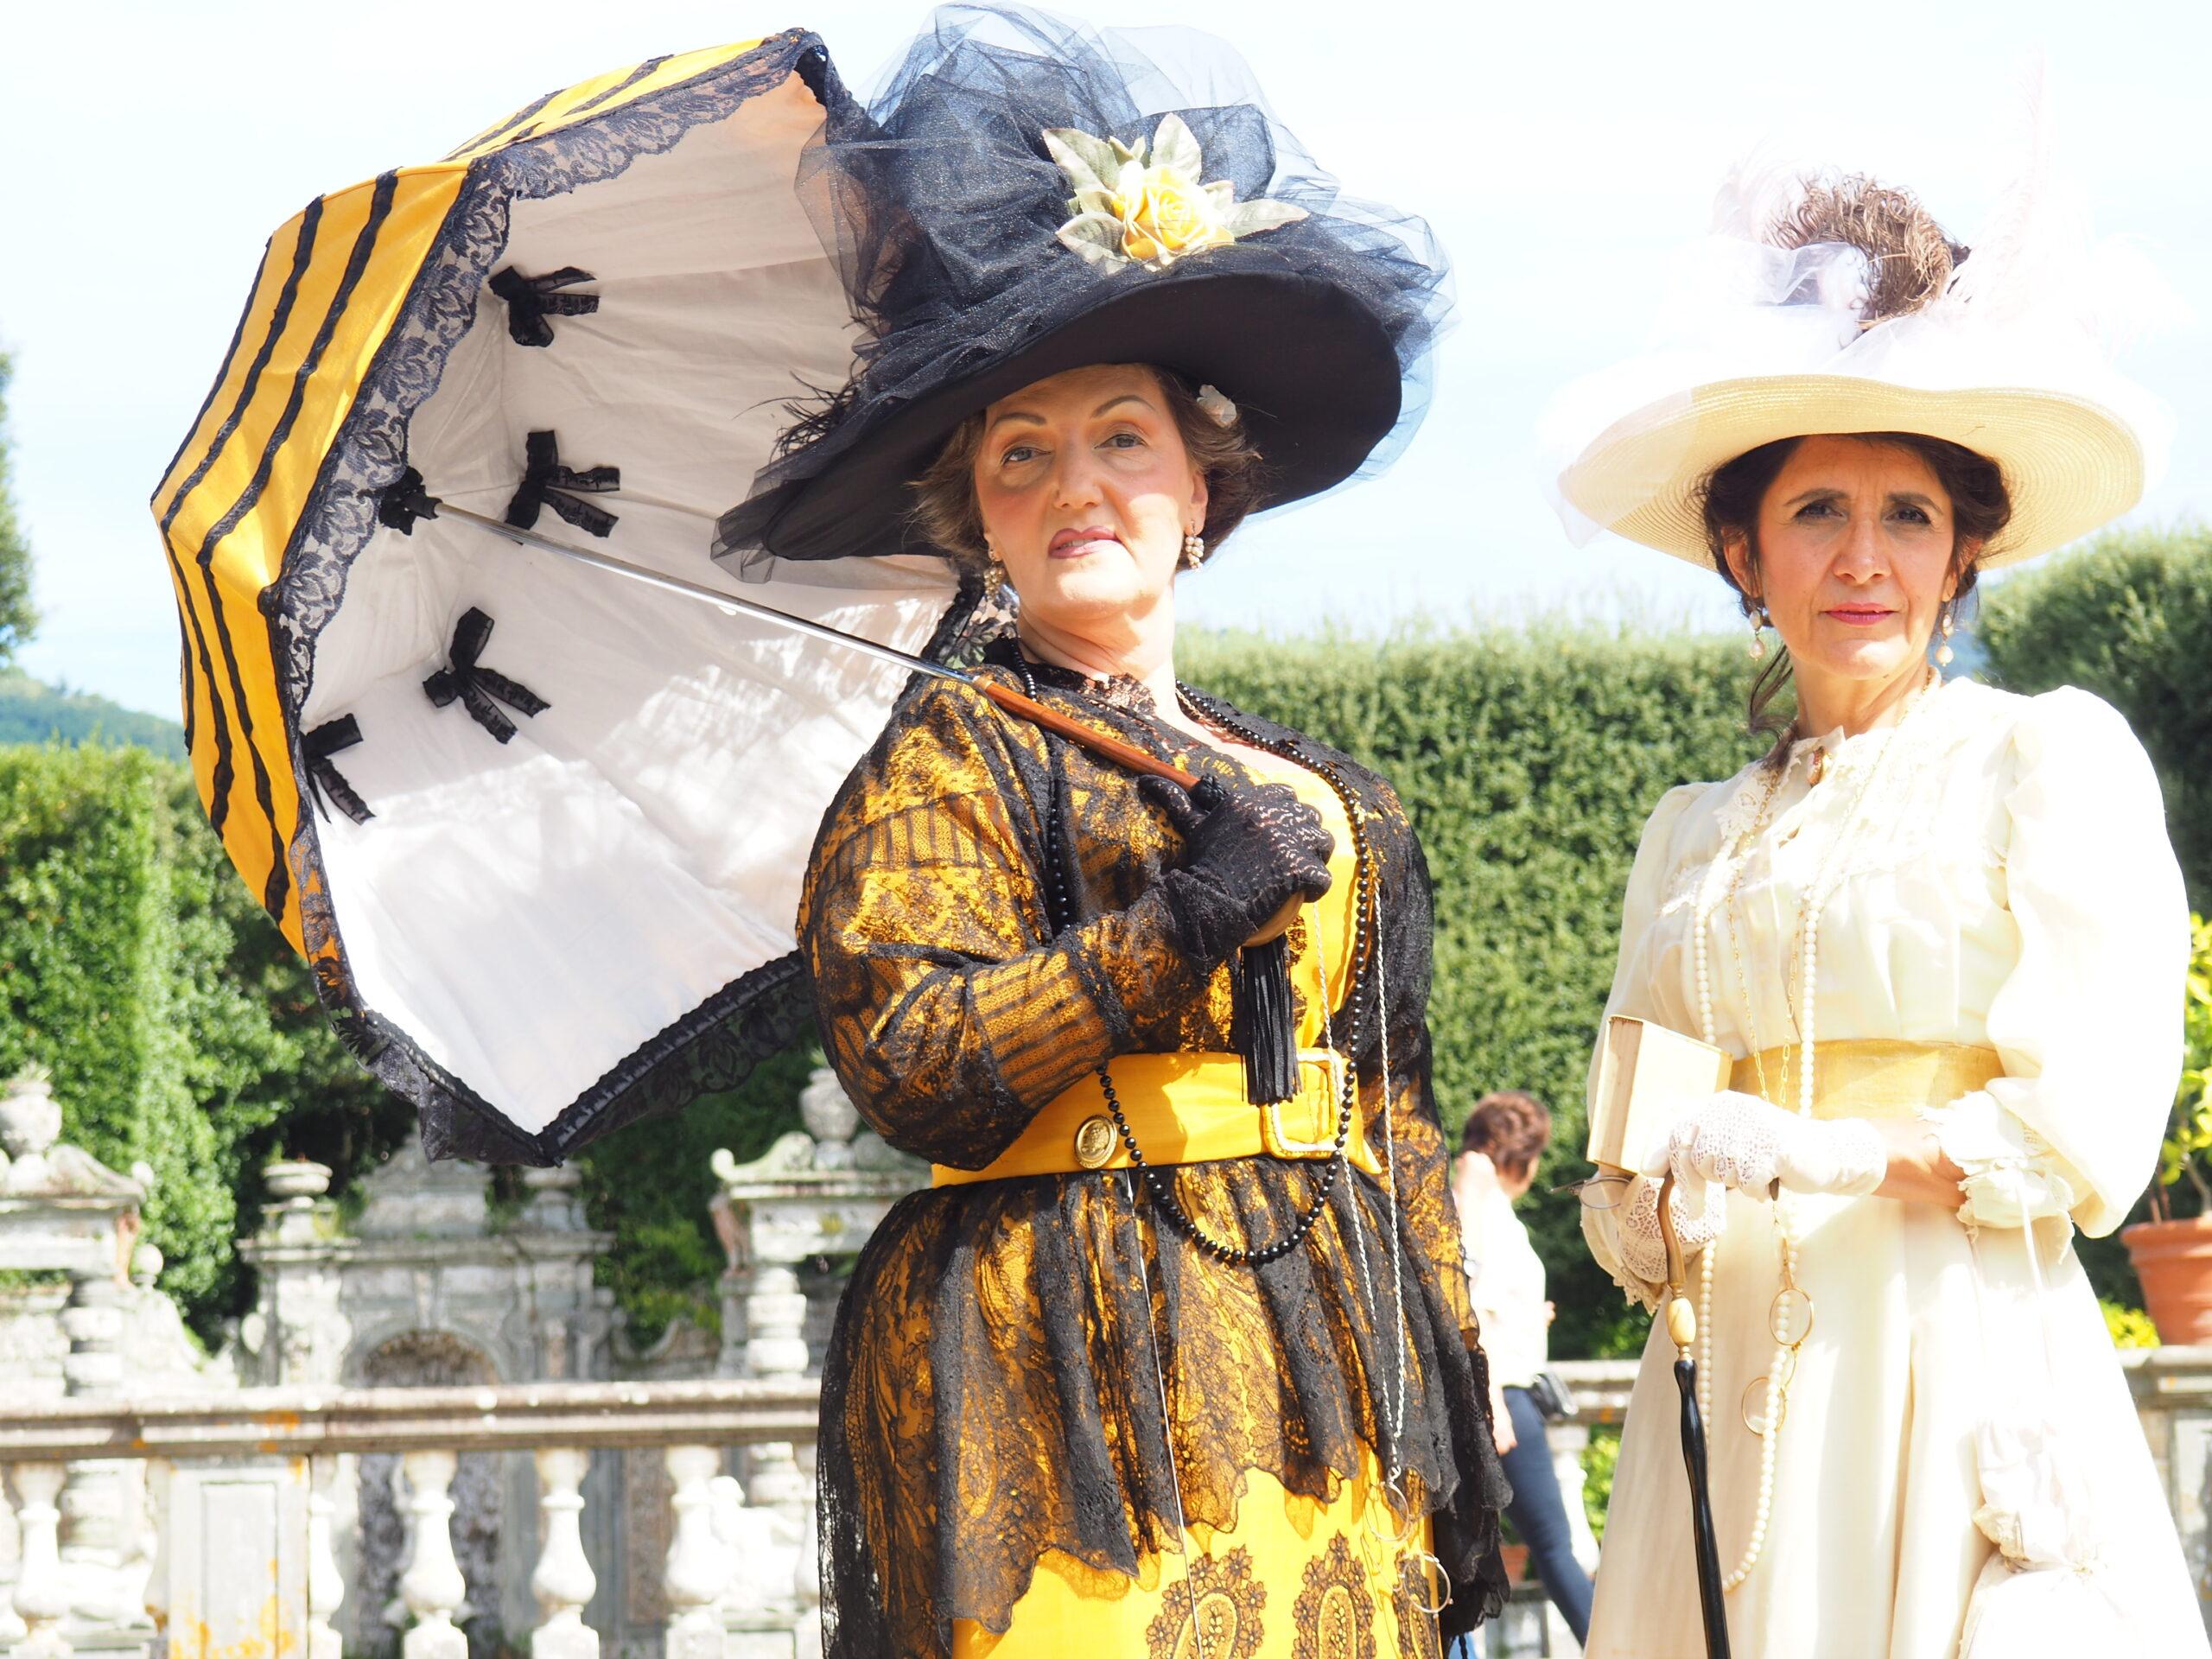 Rievocazione storica Villa Reale di Marlia